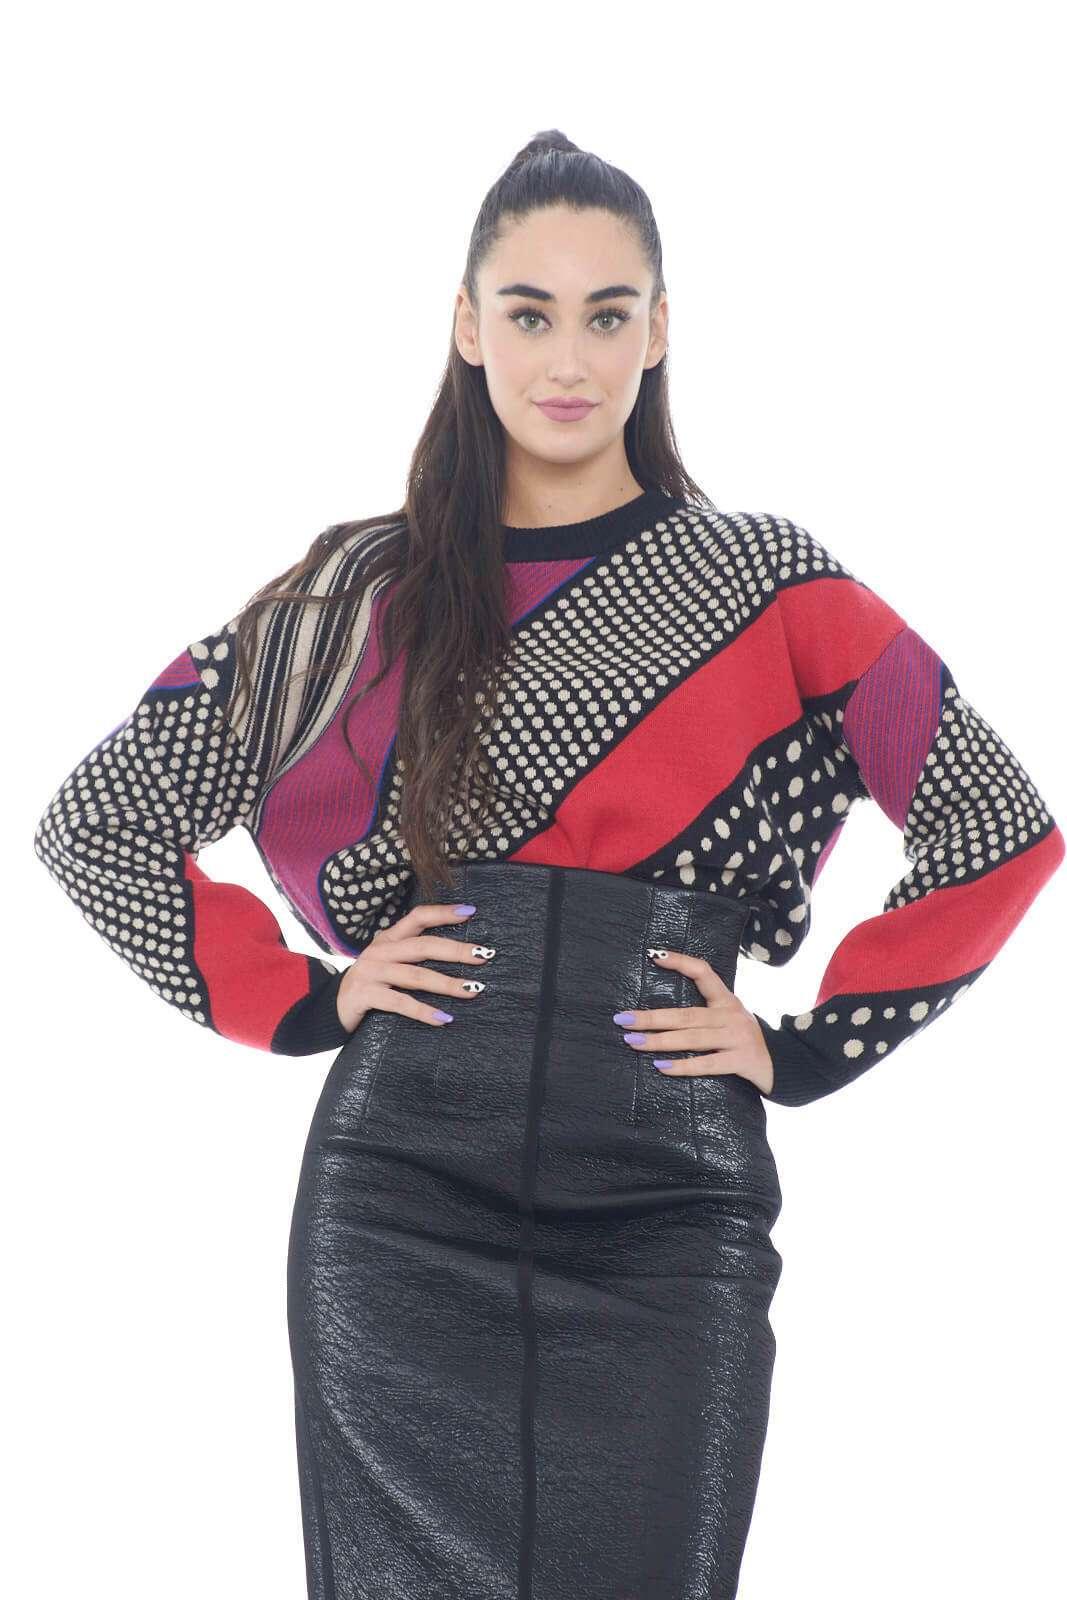 Un maglione colorato e caldo, quello proposto da Manila Grace. L'ideale per outfit invernali sgargianti e moderni. Per la donna che ama outfit più estrosi.  La modella è alta 1,78m e indossa la taglia S.